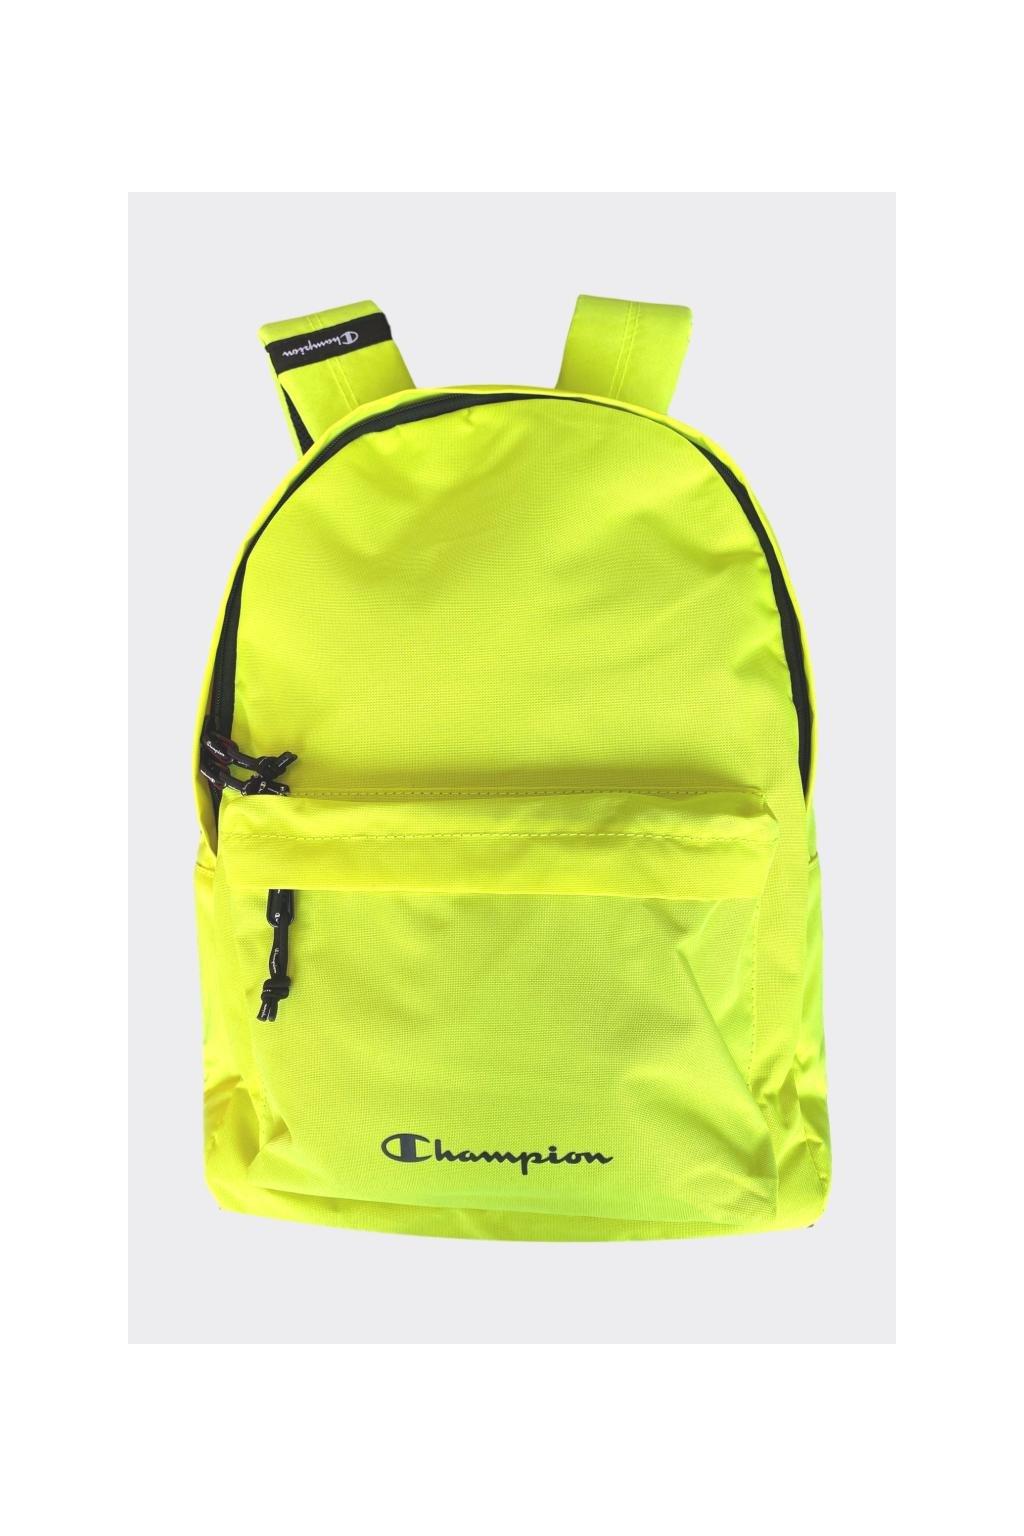 Champion batoh - neonově žlutá